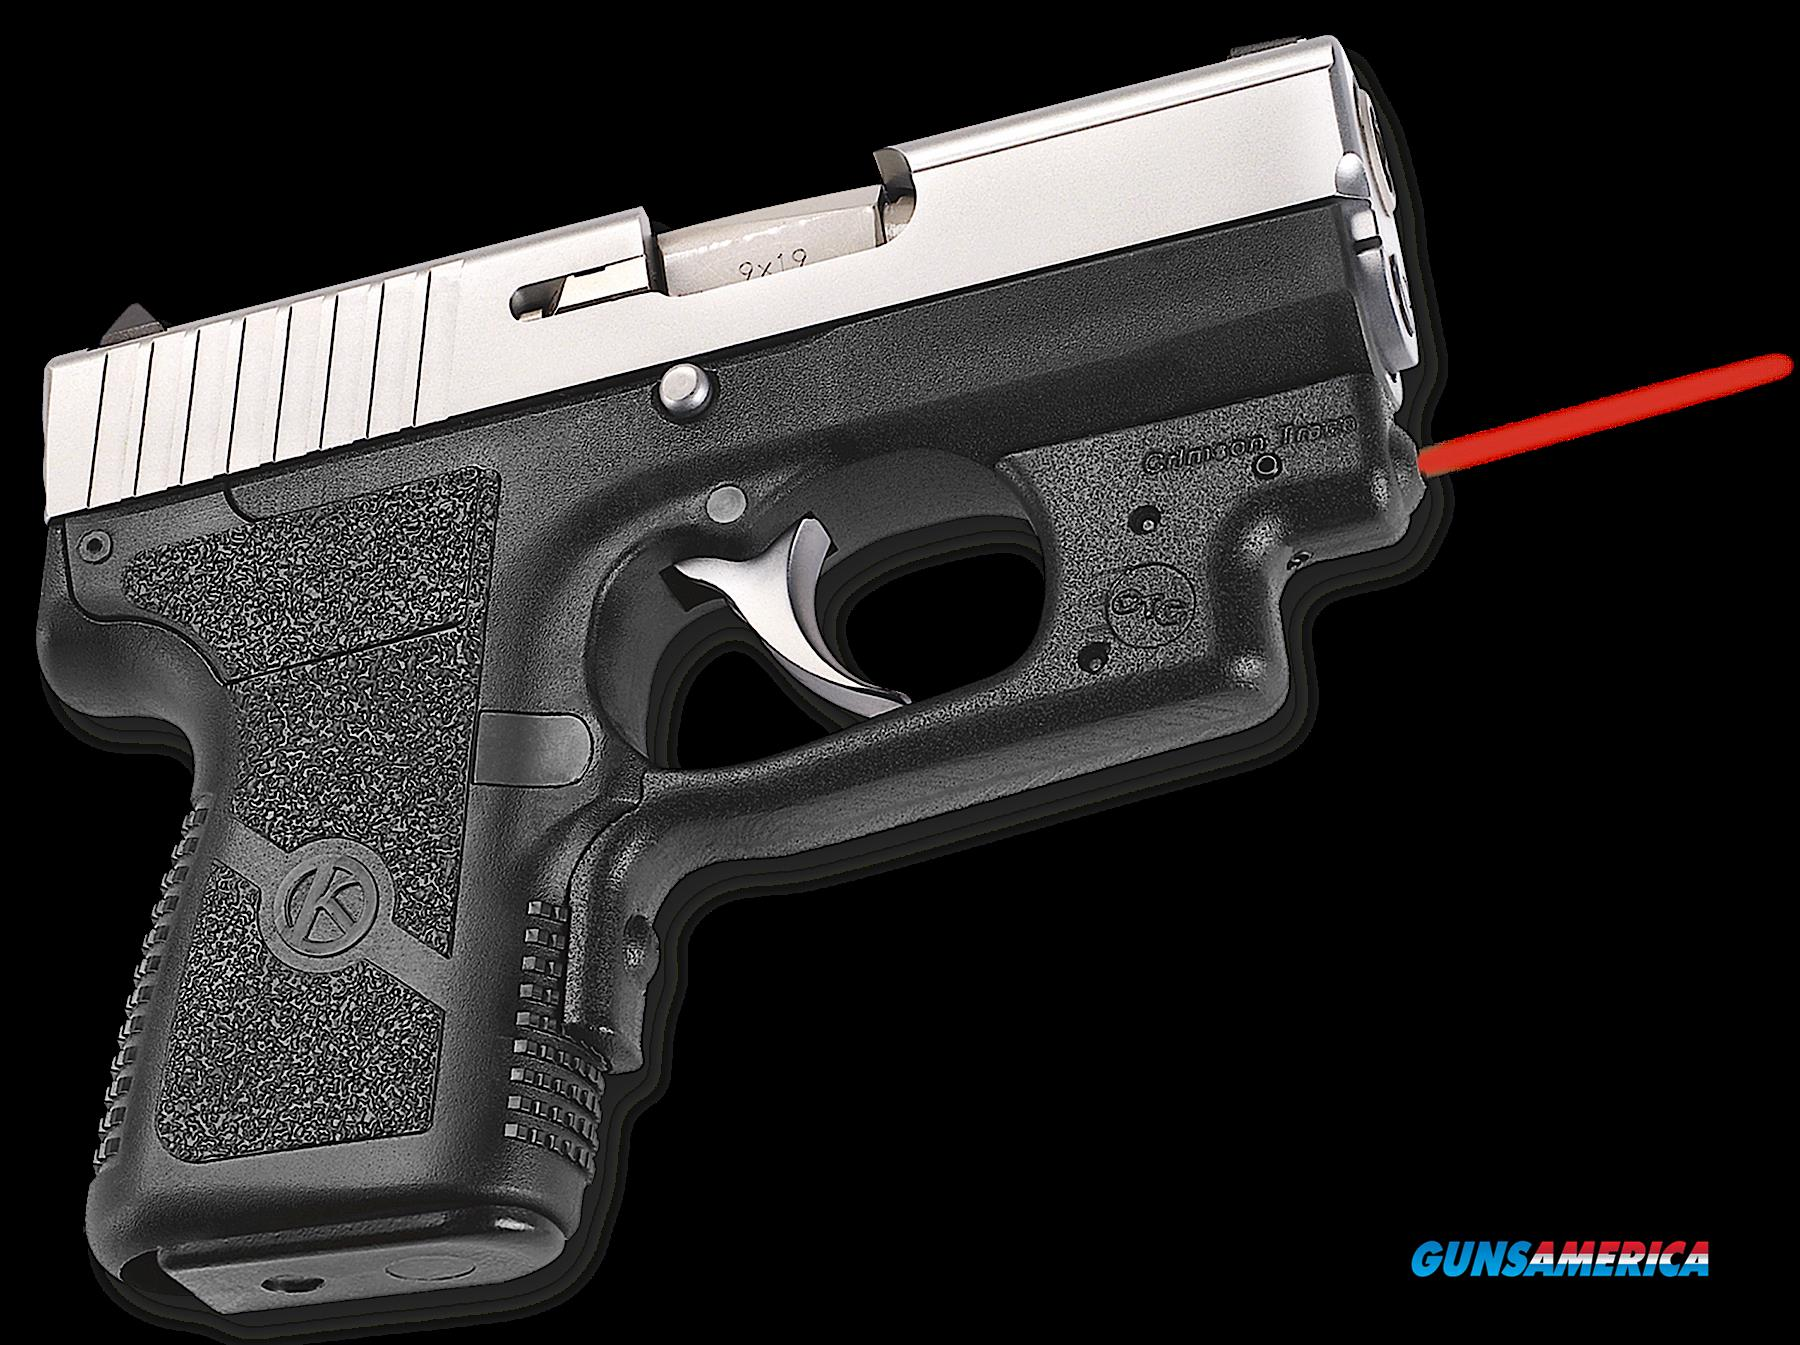 Crimson Trace Laserguard, Crim Lg437     Lguard Kahr Cw-pw 9-40  Guns > Pistols > 1911 Pistol Copies (non-Colt)